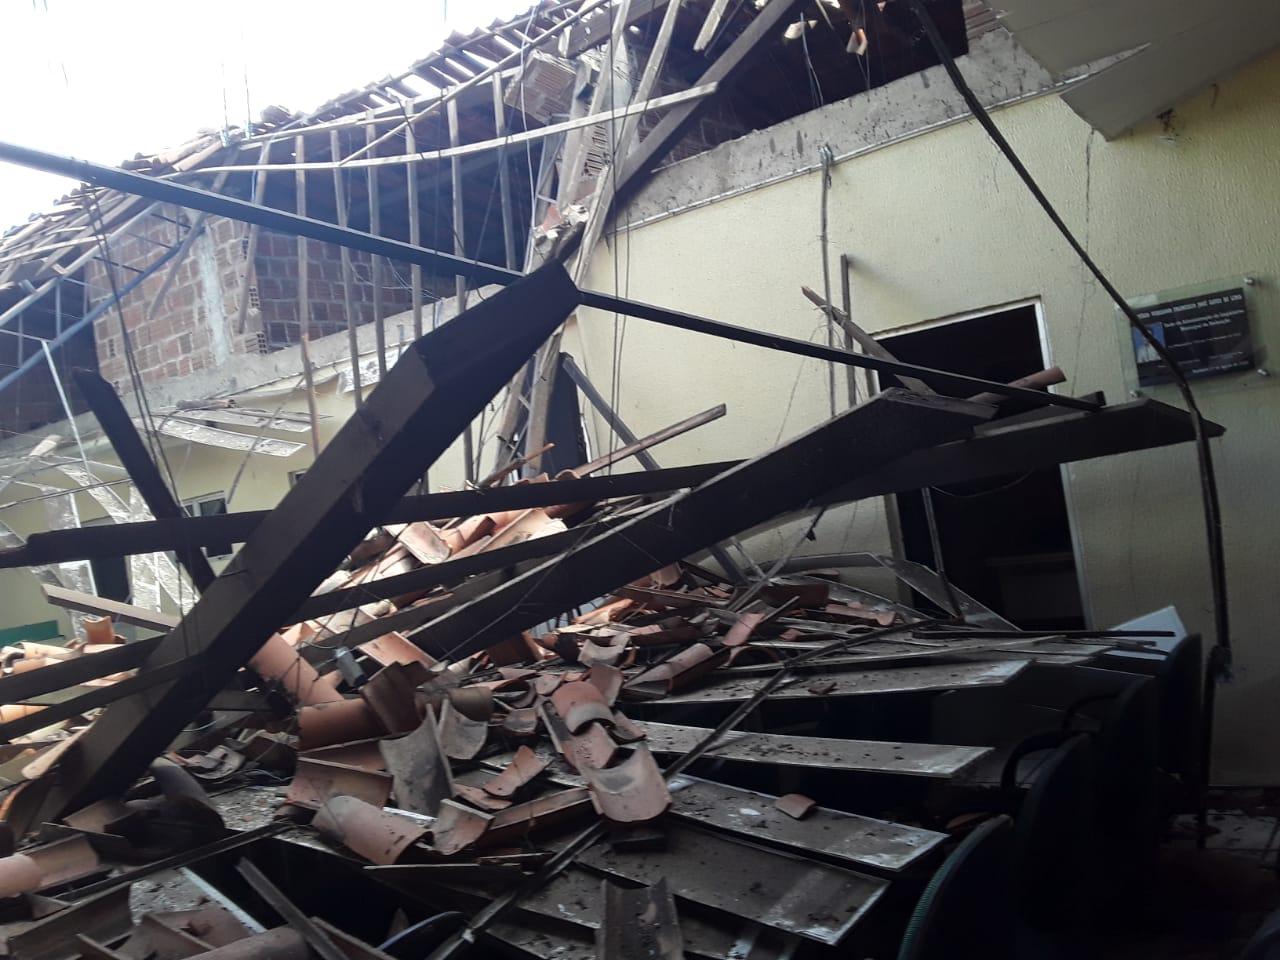 Parte do teto da Câmara Municipal de Redenção desaba, veja o vídeo